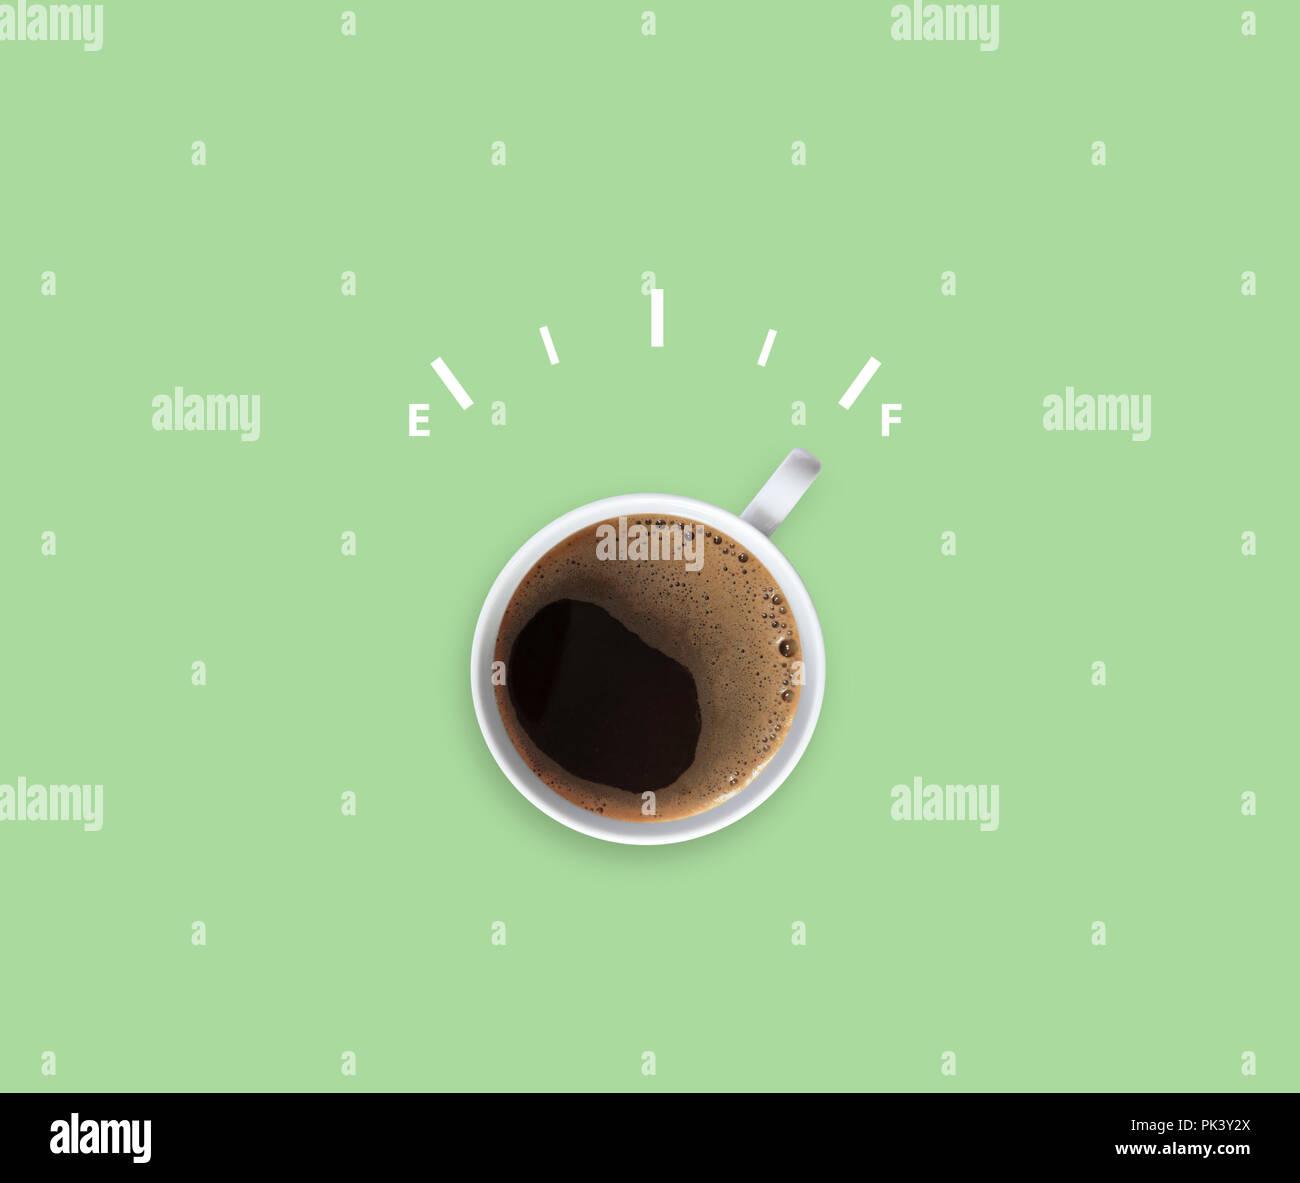 Hot caffè americano con misuratore di avviso, energia piena Immagini Stock